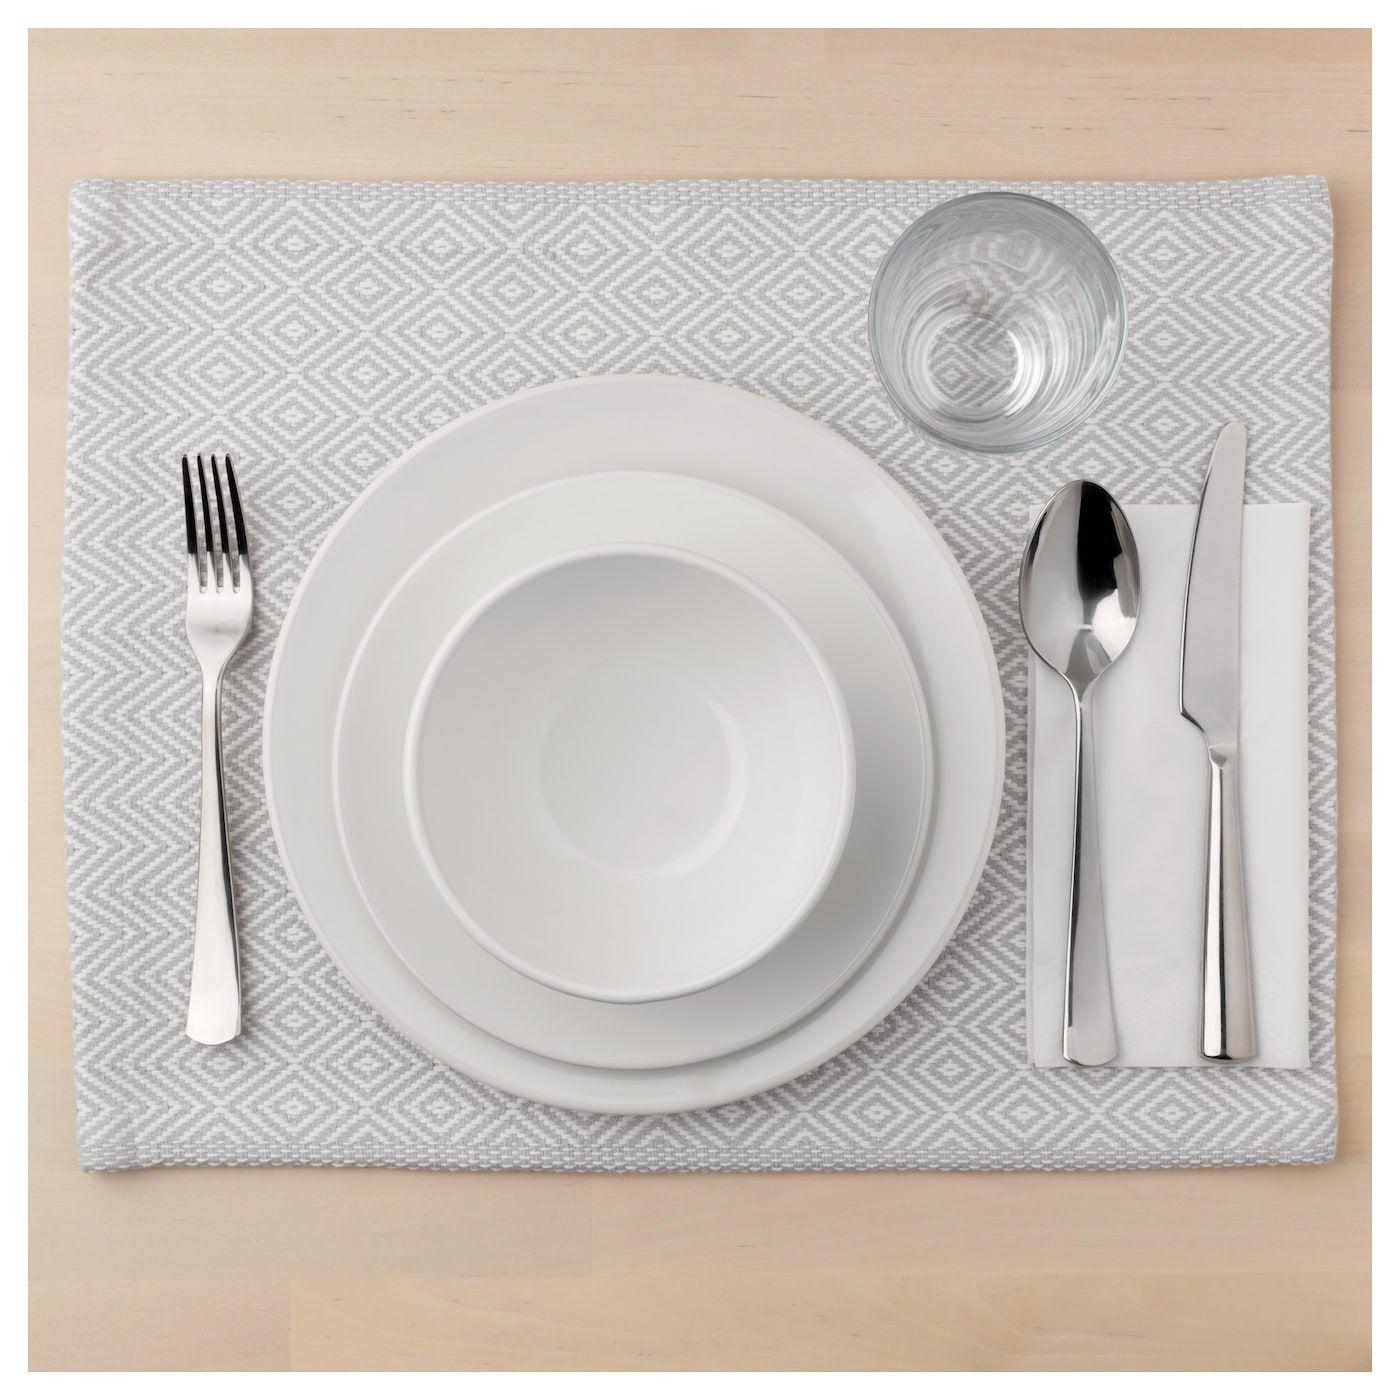 Goddag Tischset Grau Weiss 35x45 Cm Ikea Osterreich Cutlery Set Stainless Steel Cutlery Set Placemats